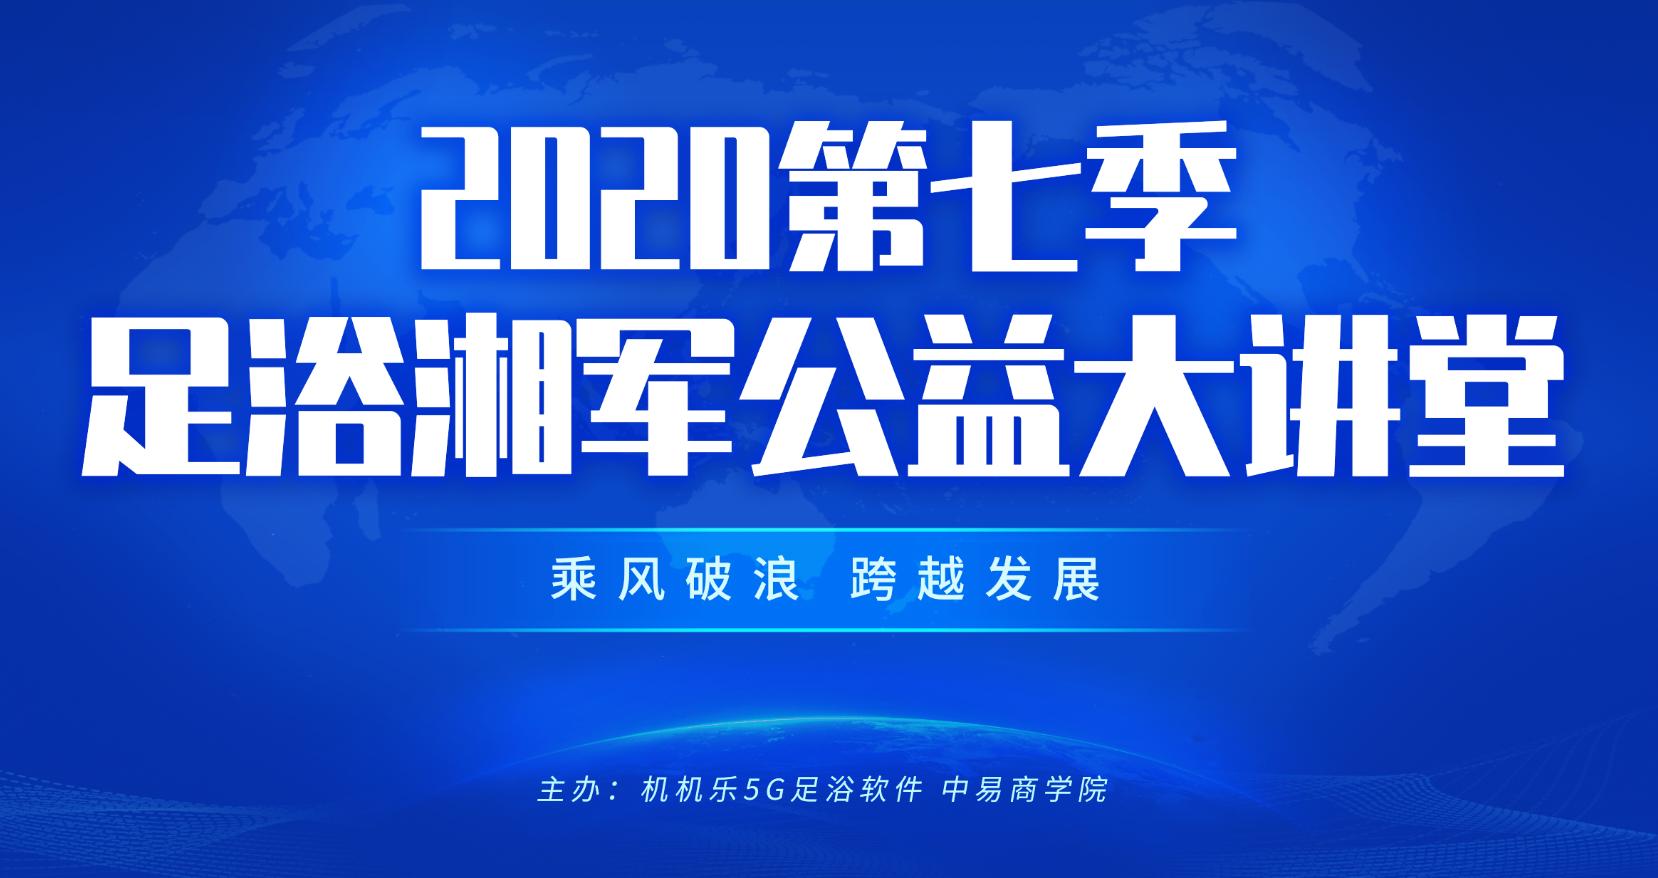 参会指南:【机机乐5G】 足浴湘军公益大讲堂(第七季)